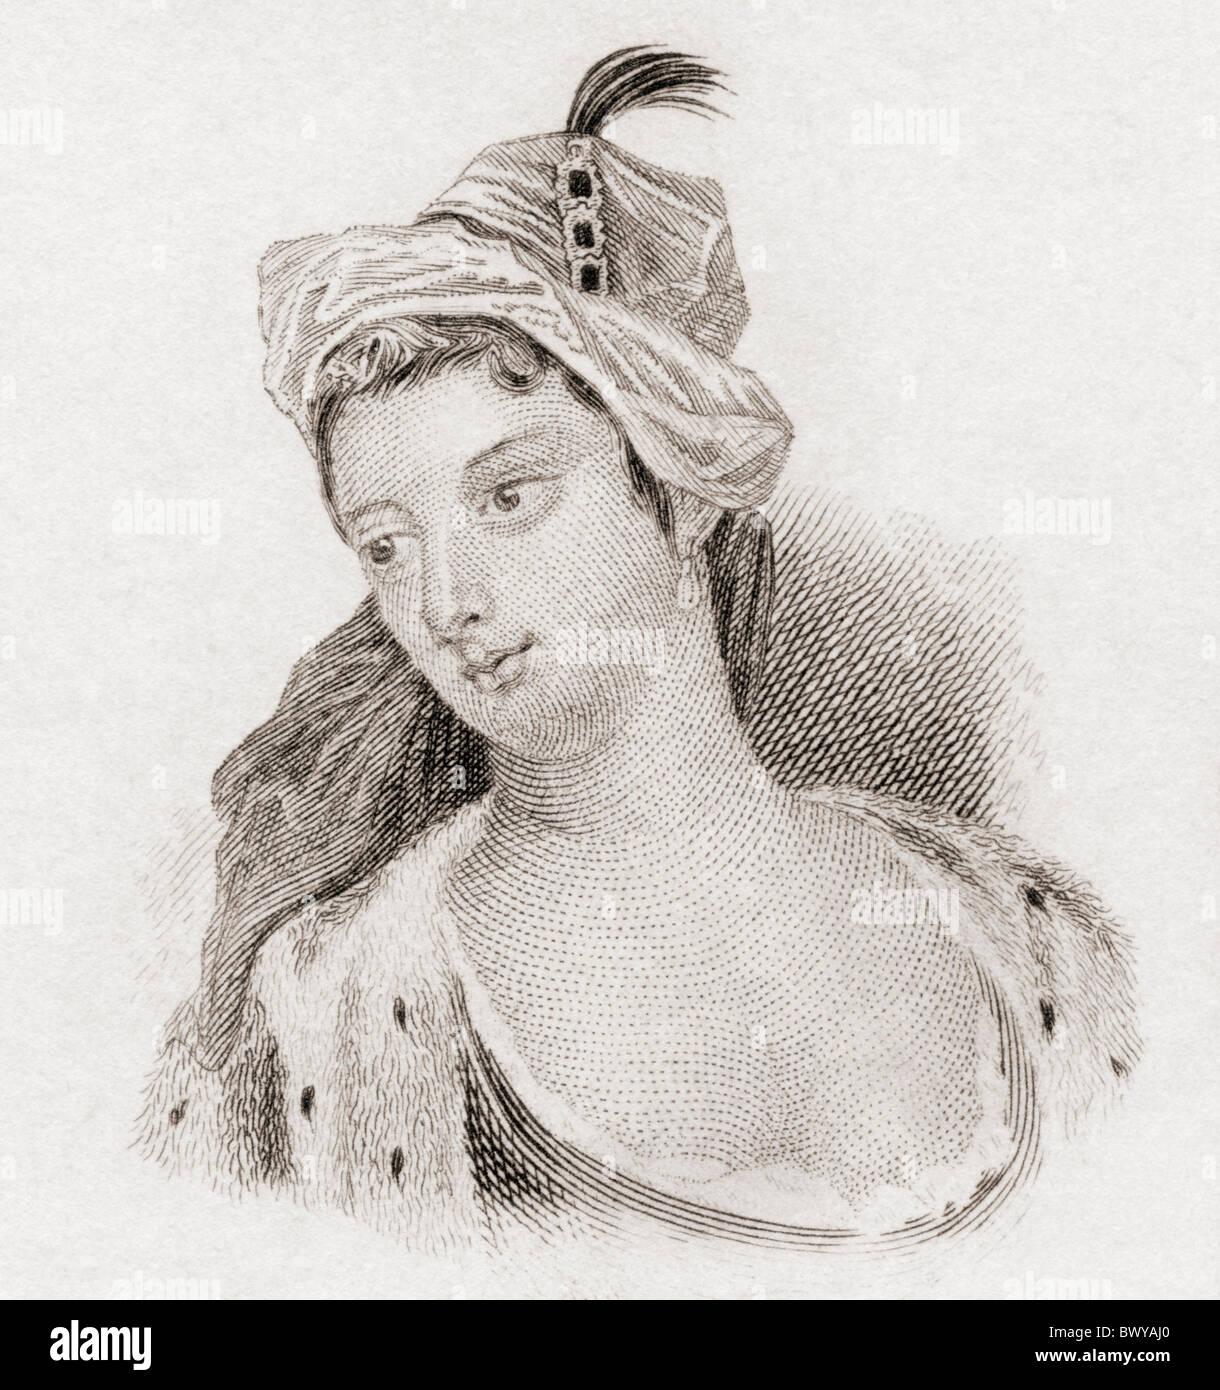 El Lady Mary Wortley Montagu, 1689 a 1762. Aristócrata inglés y escritor. Imagen De Stock